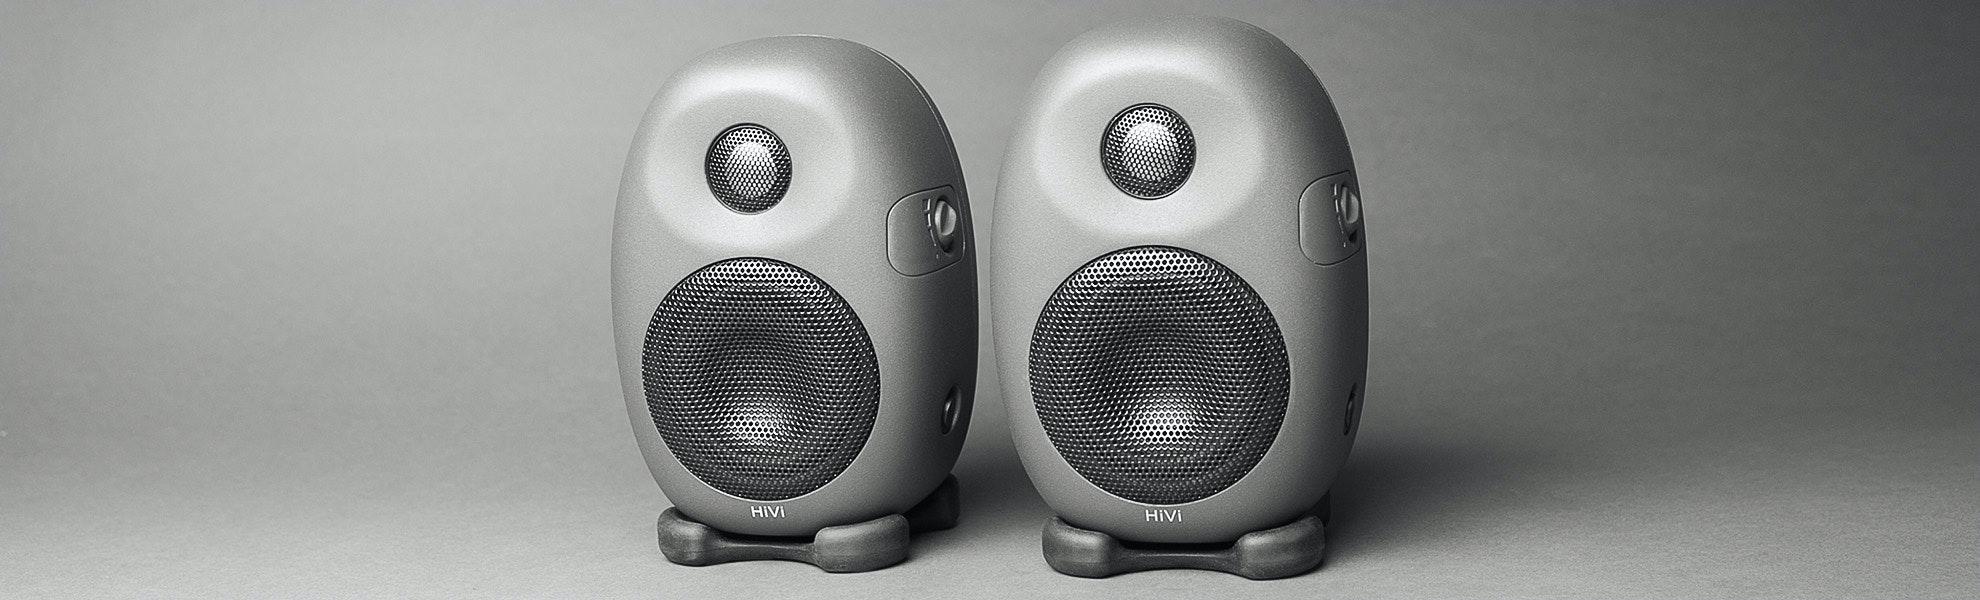 HiVi X3 Desktop Speakers